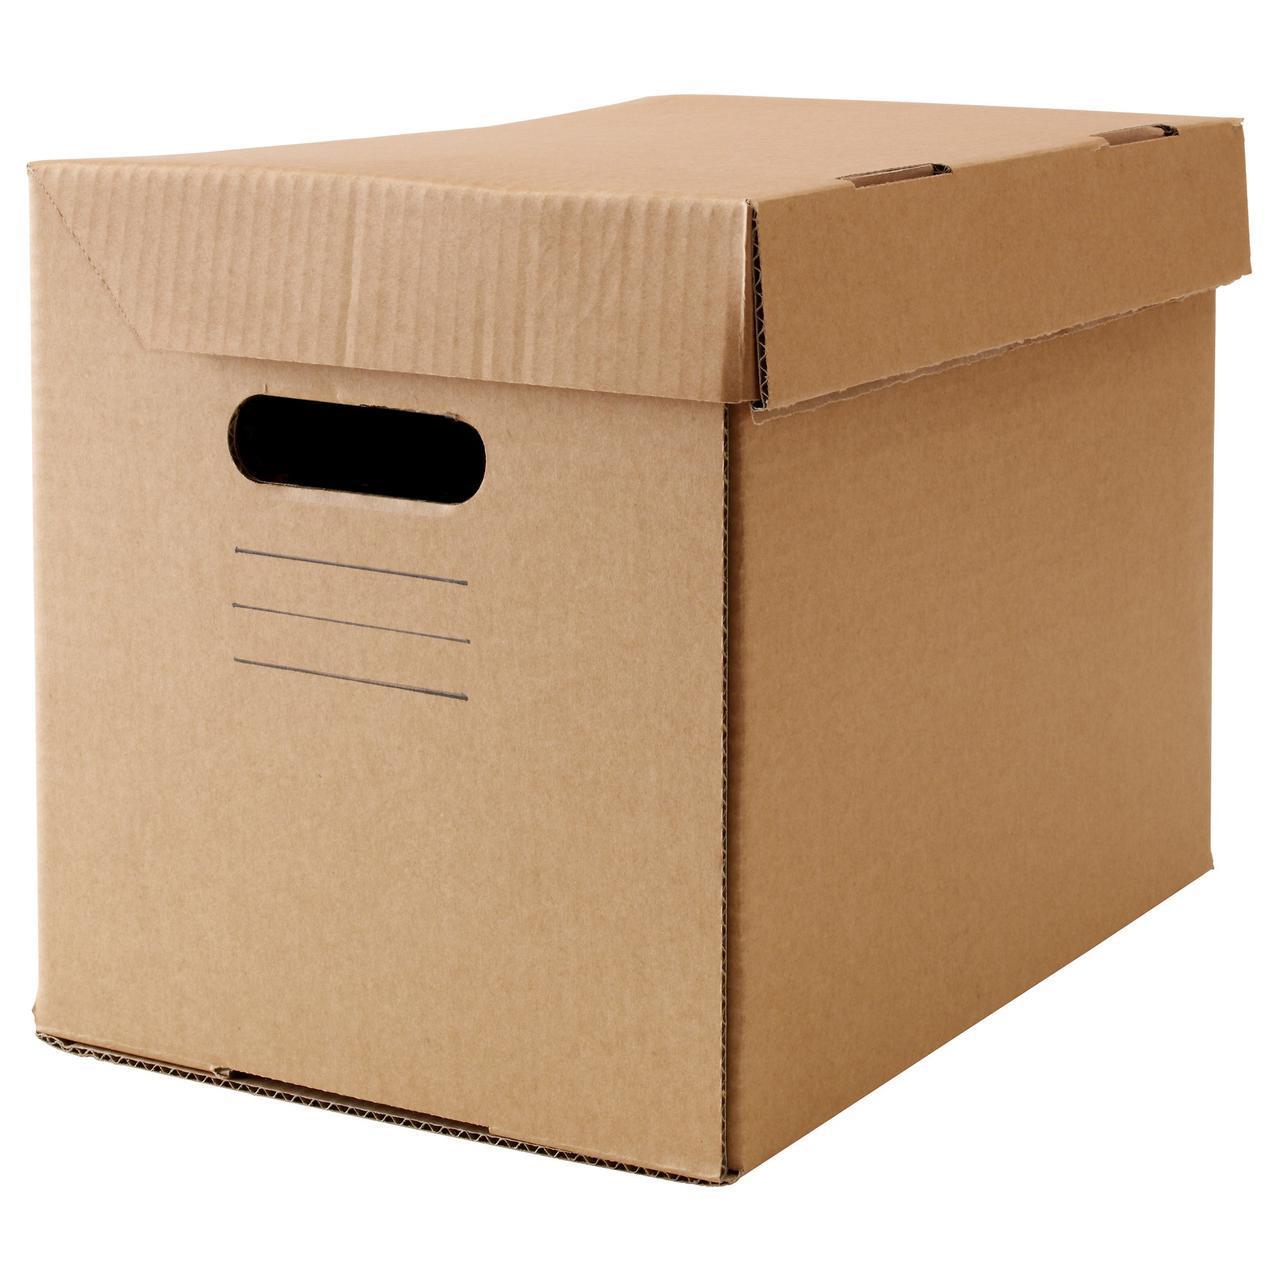 IKEA PAPPIS (001.004.67) Коробка с крышкой, коричневый